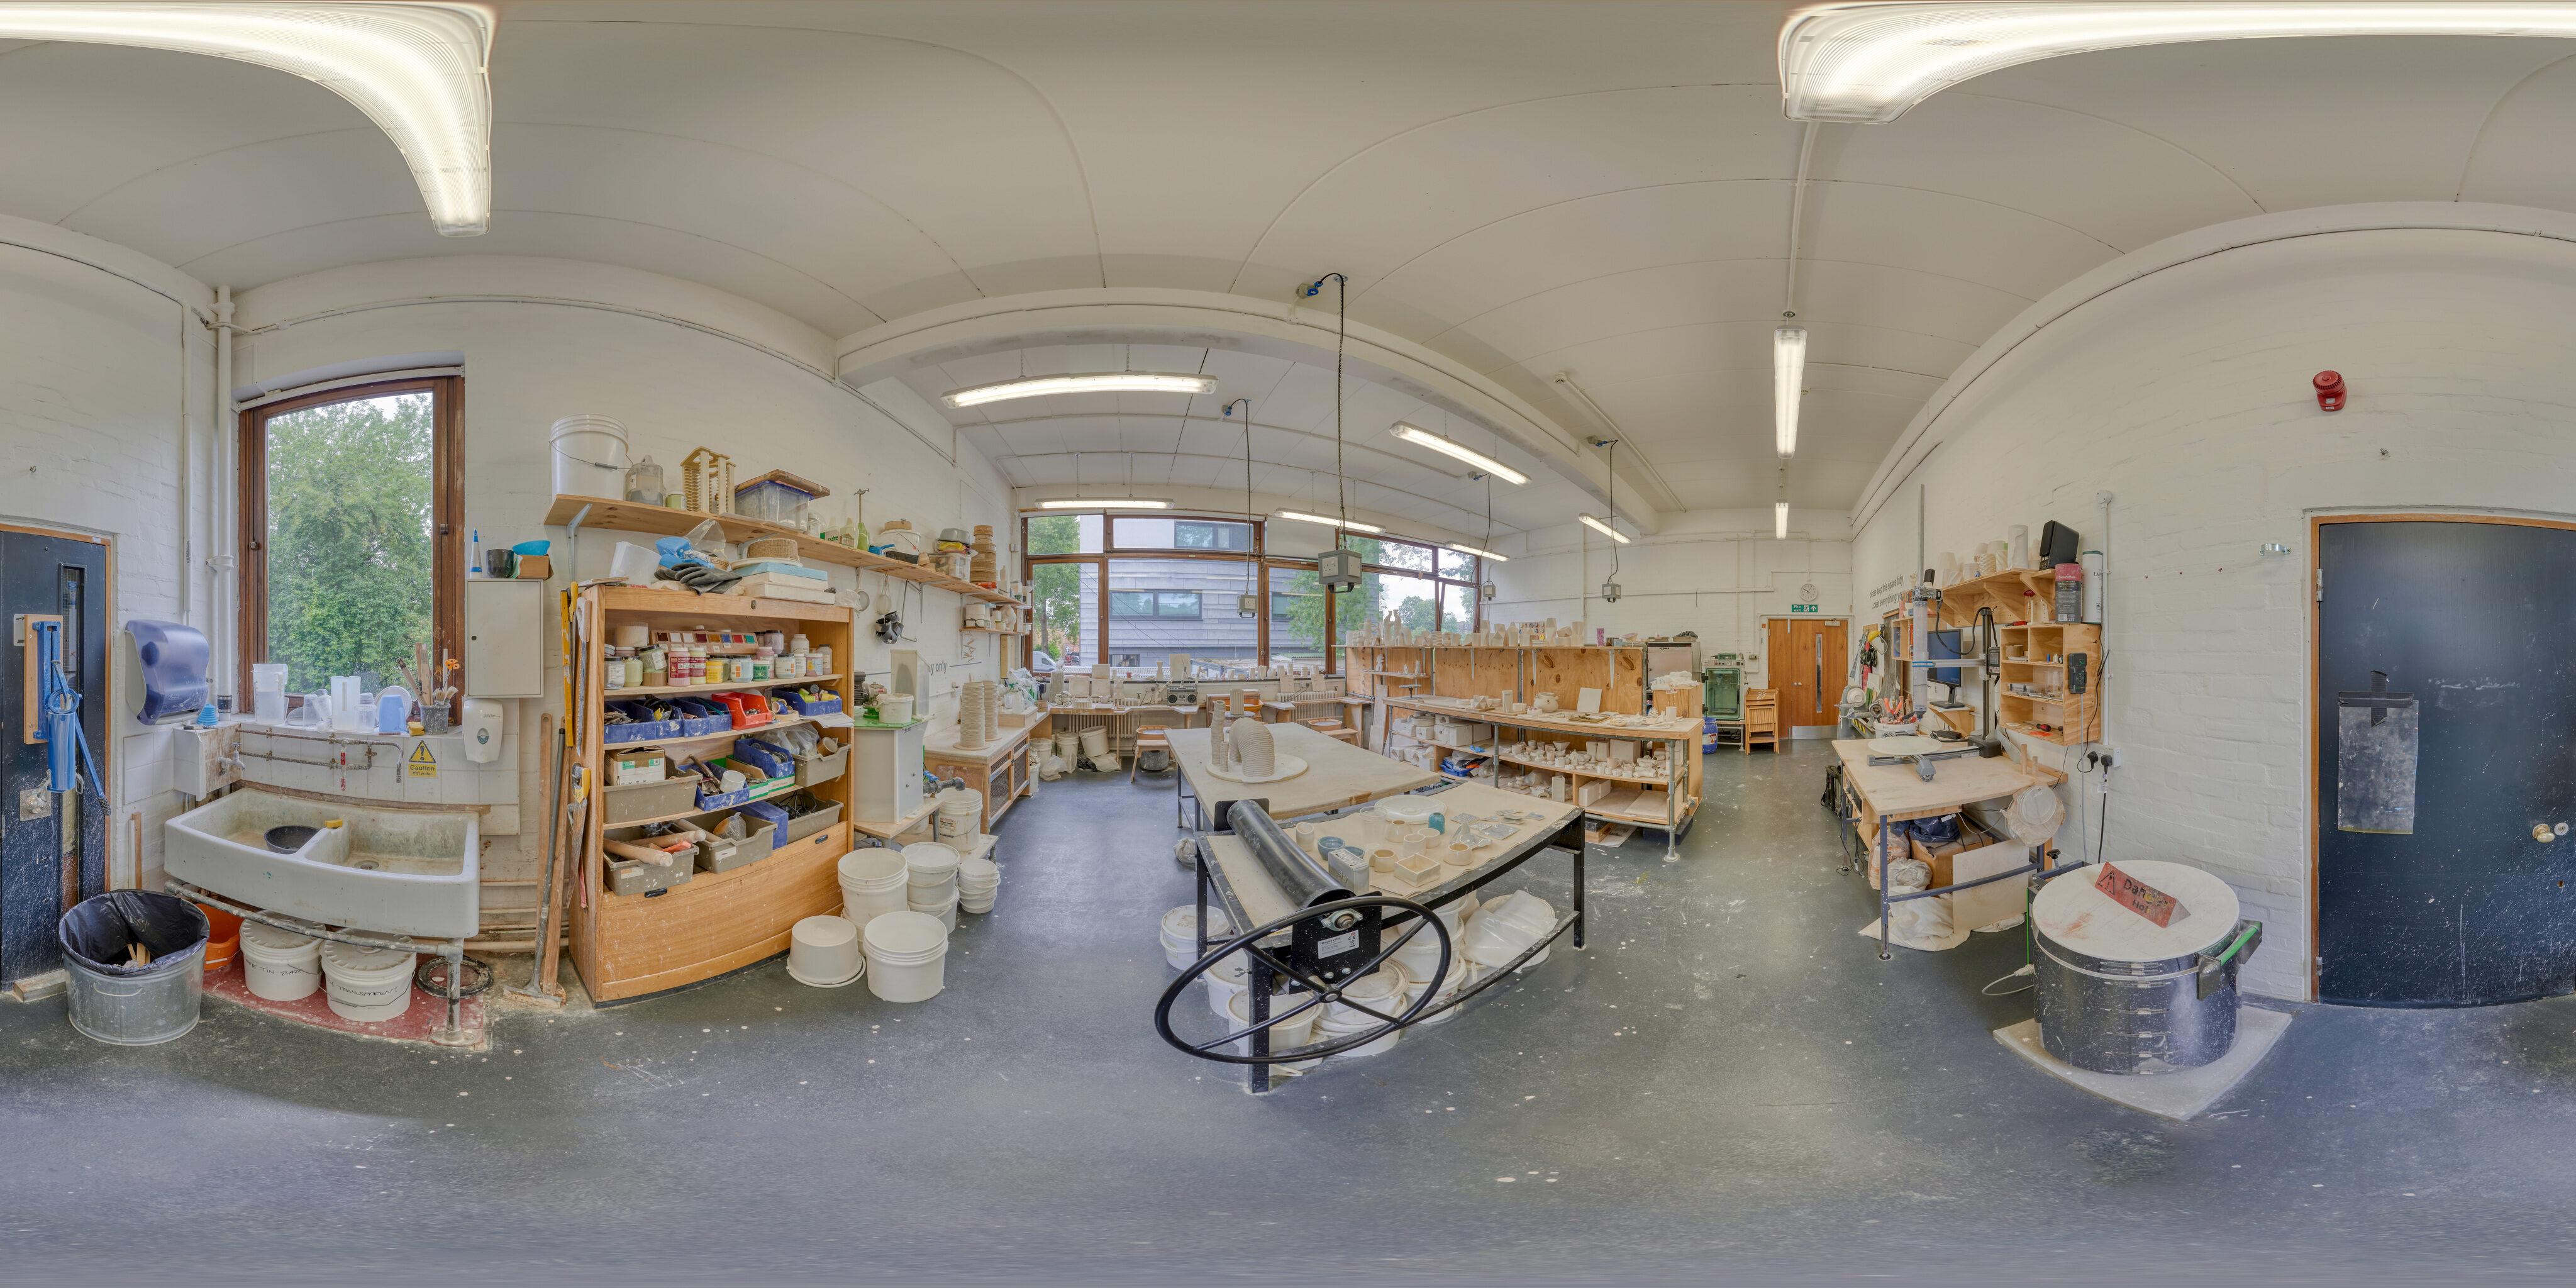 360 of Ceramics Studio